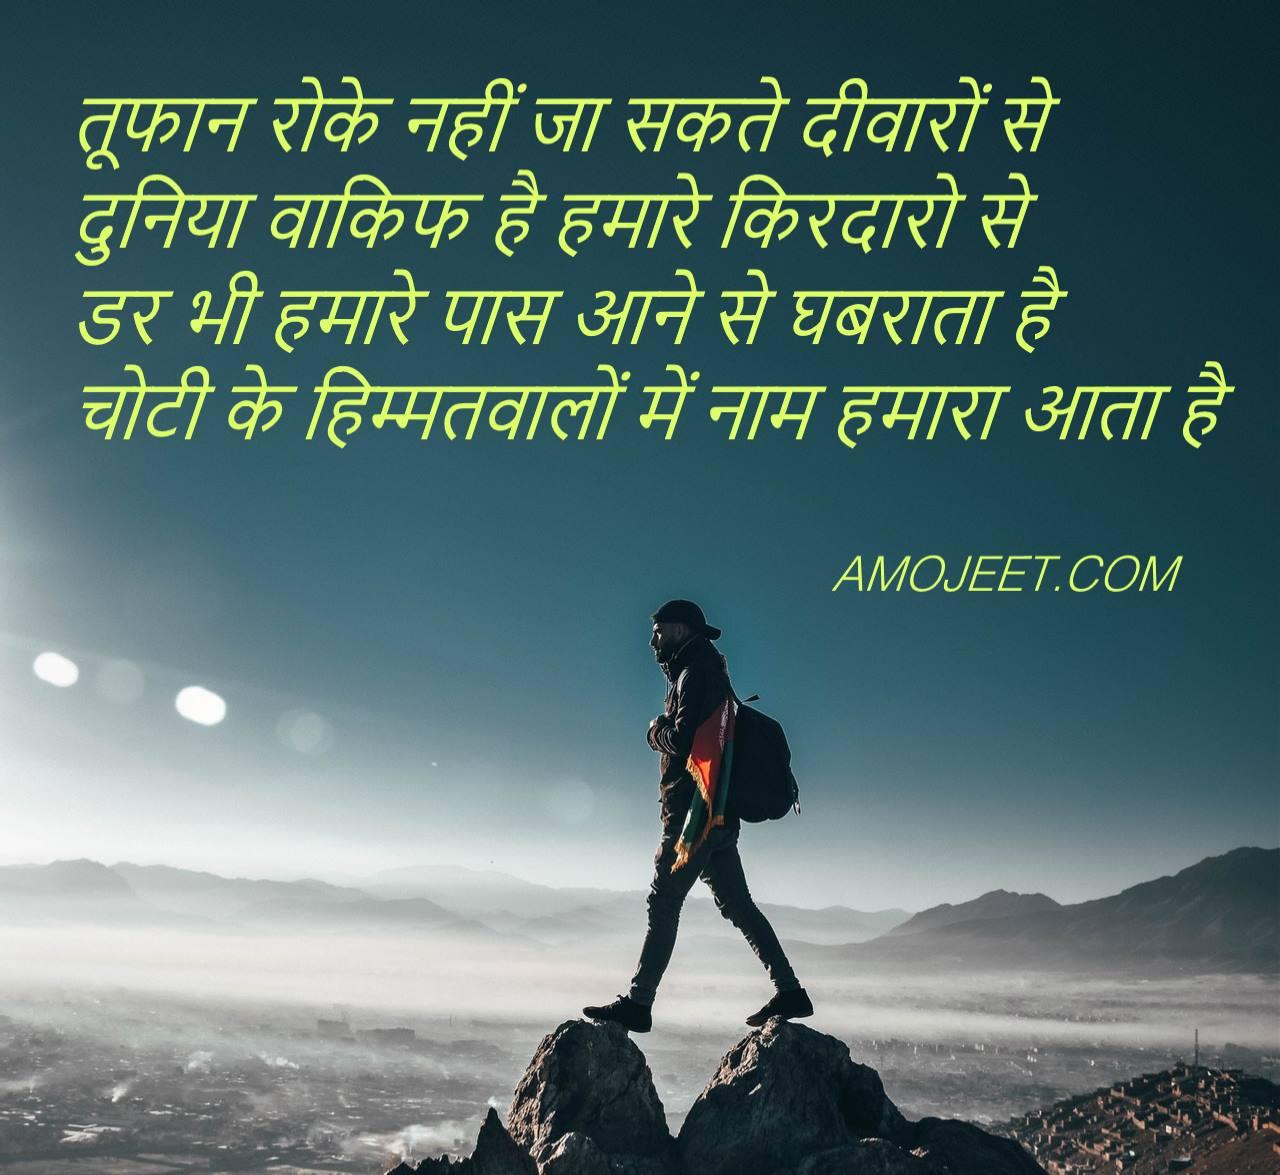 damdar-hindi-shayri-tufan-roke-nahi-ja-sakte